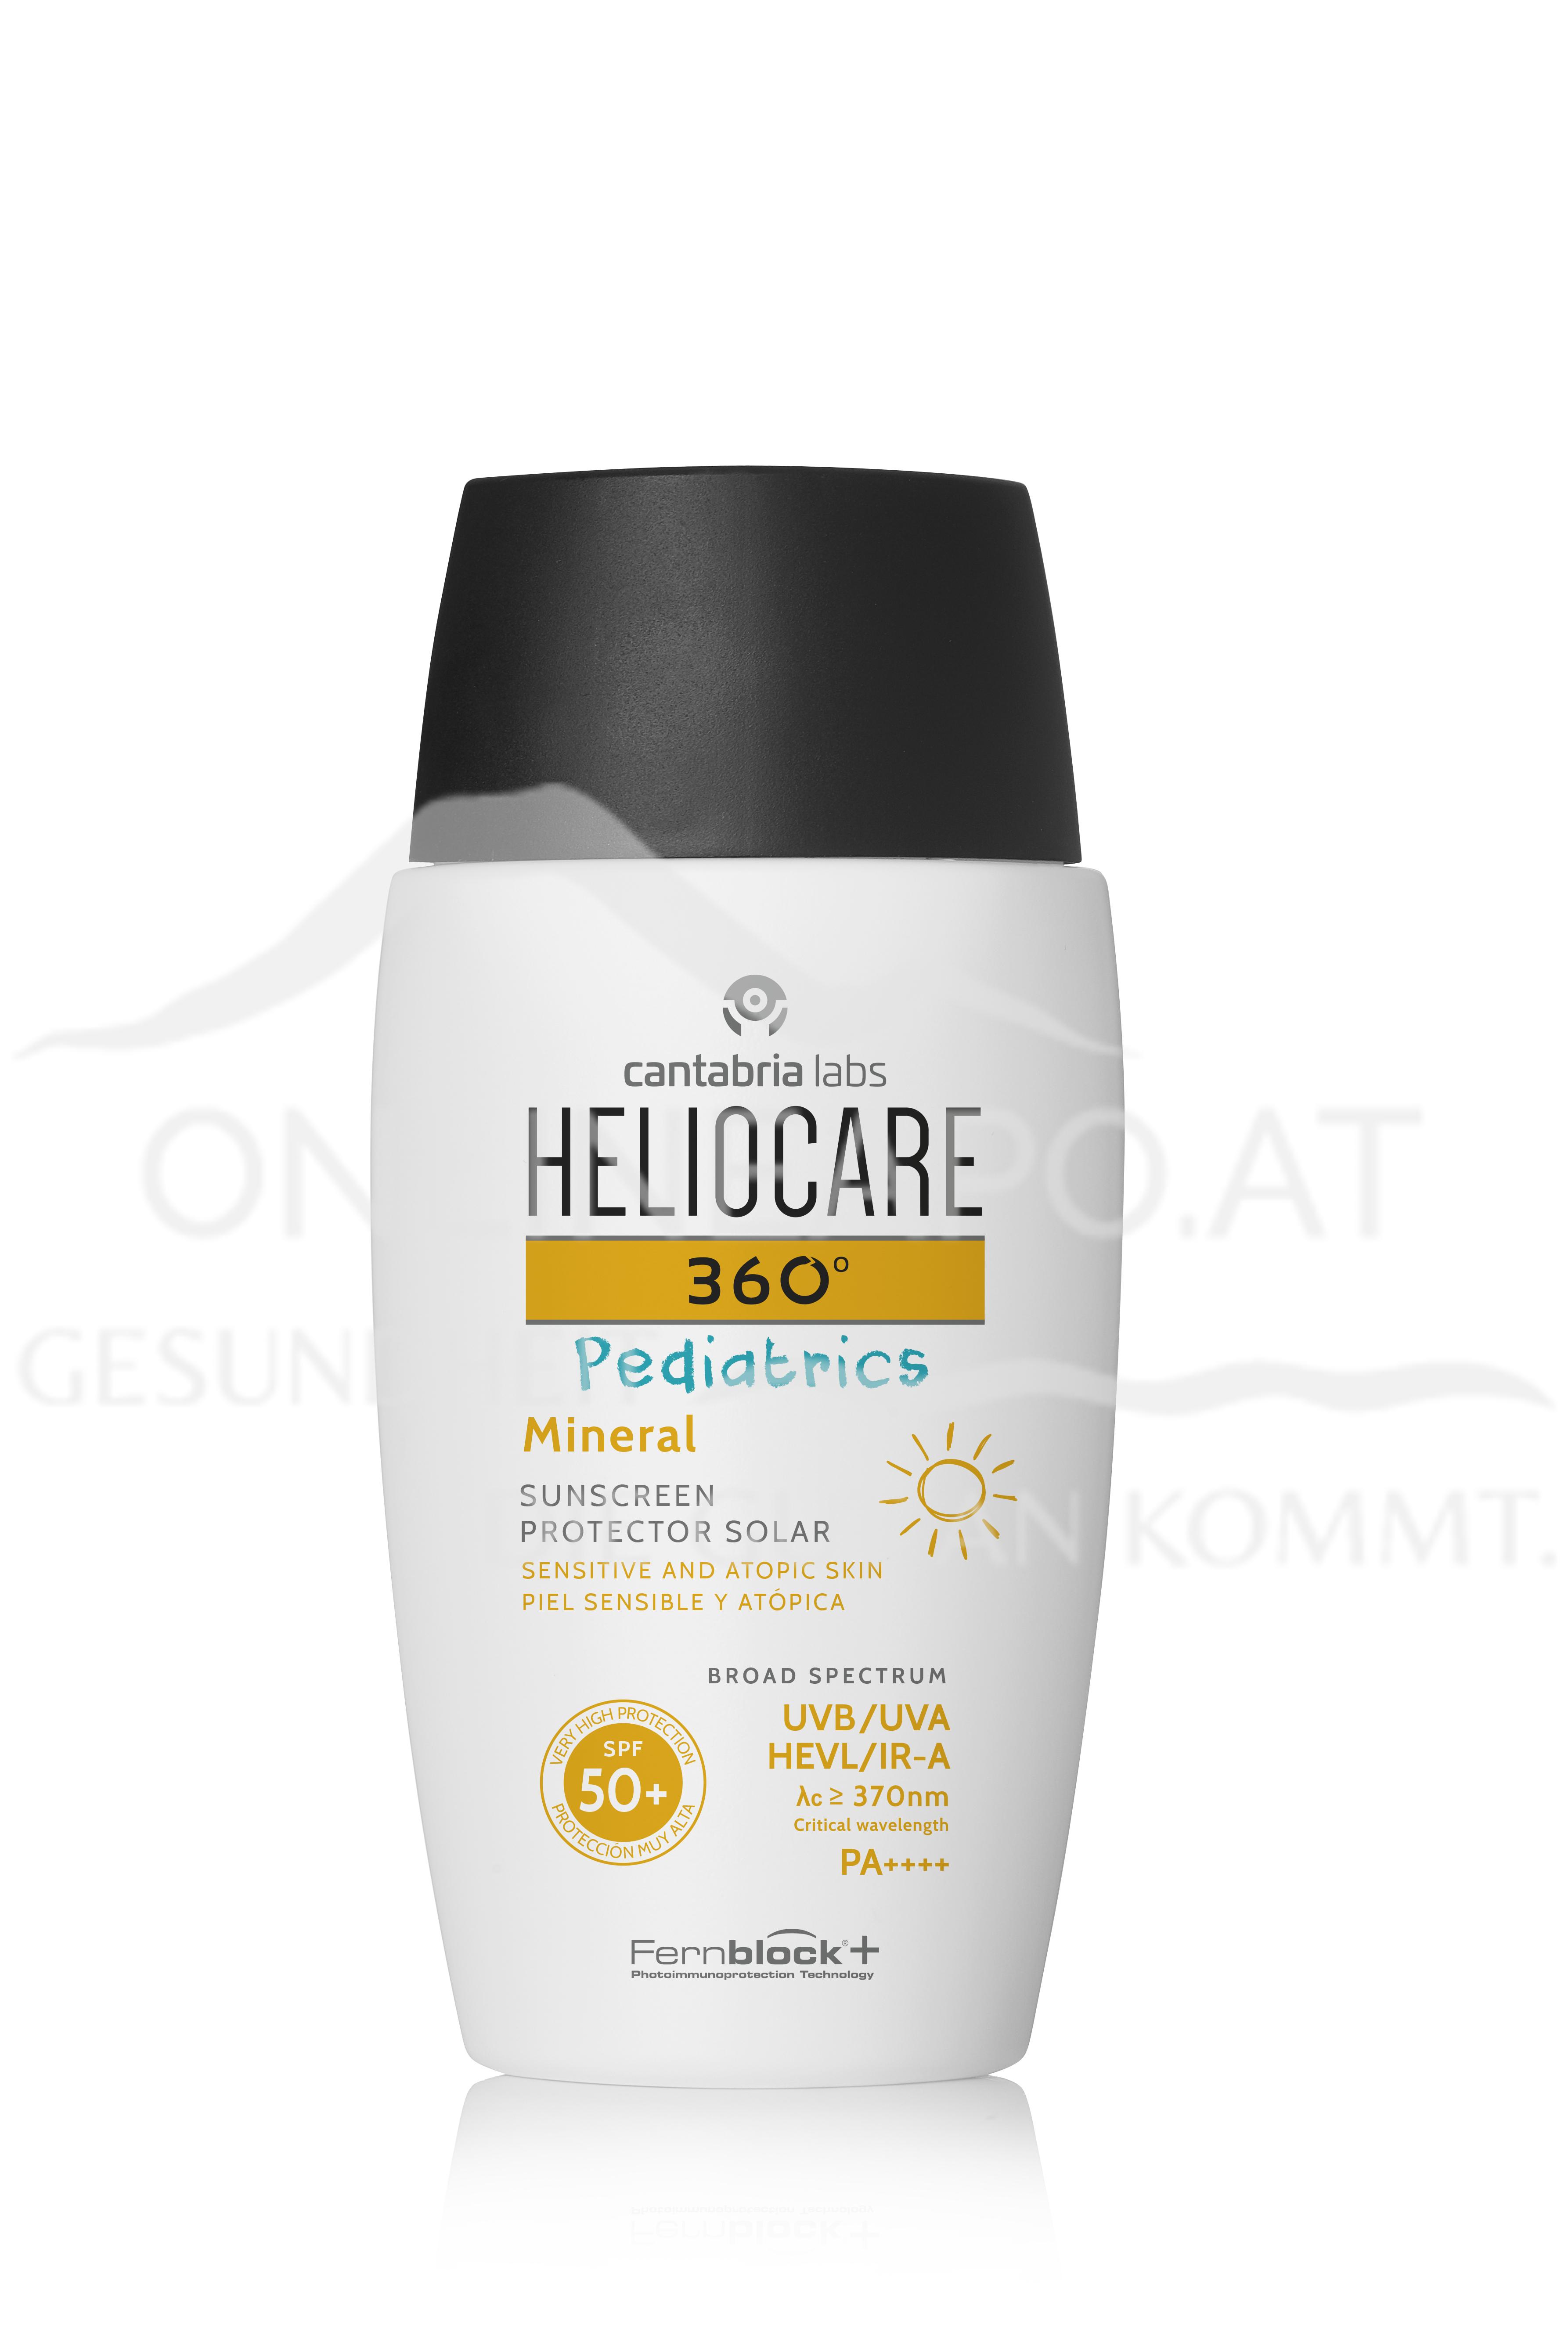 Heliocare 360° Pediatrics Mineral SPF 50+